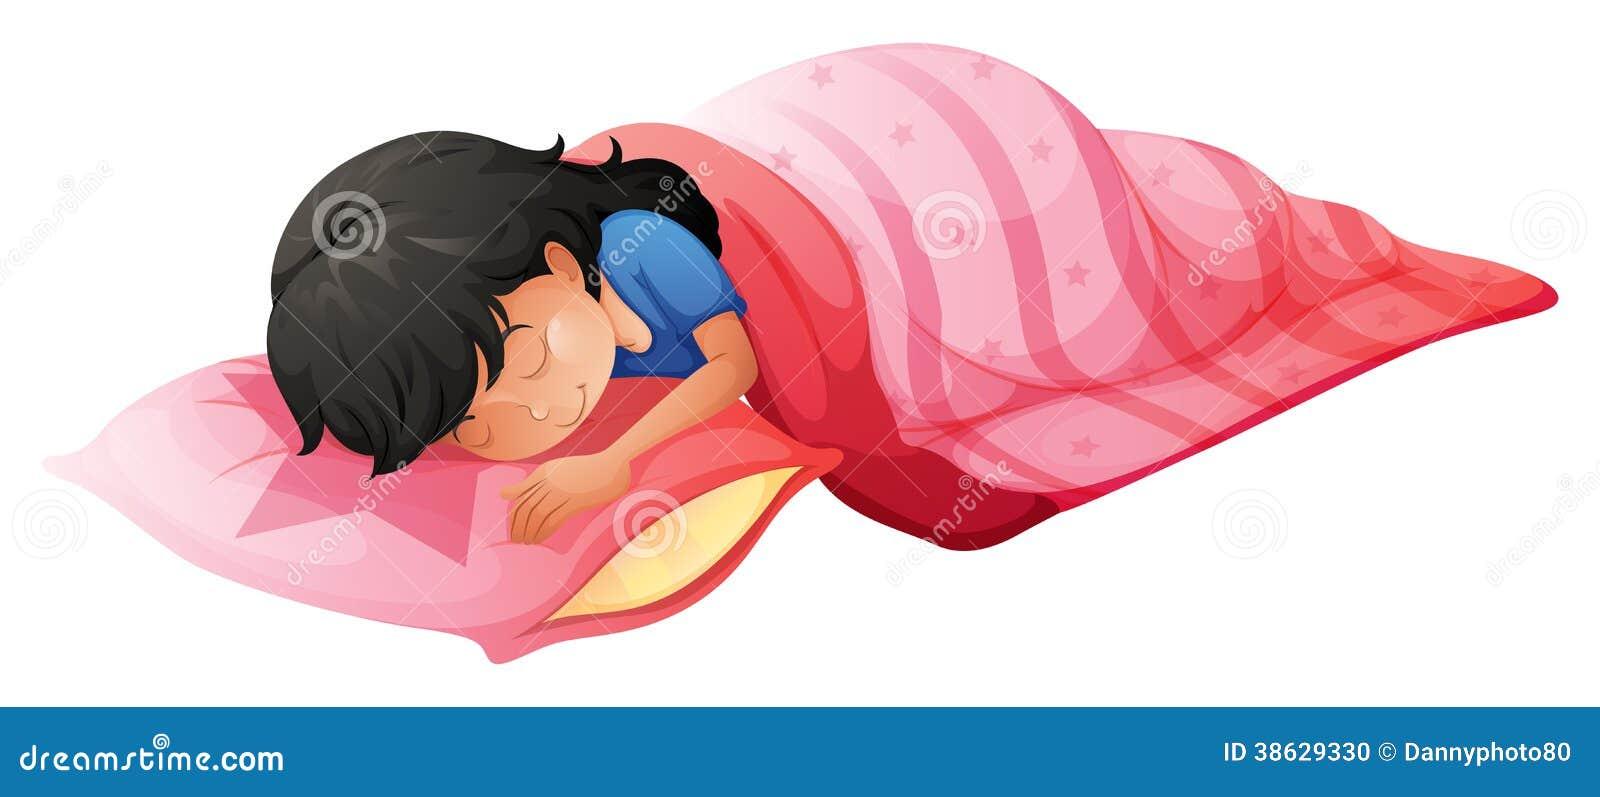 ein schlafen der jungen frau vektor abbildung illustration von bequem rest 38629330. Black Bedroom Furniture Sets. Home Design Ideas